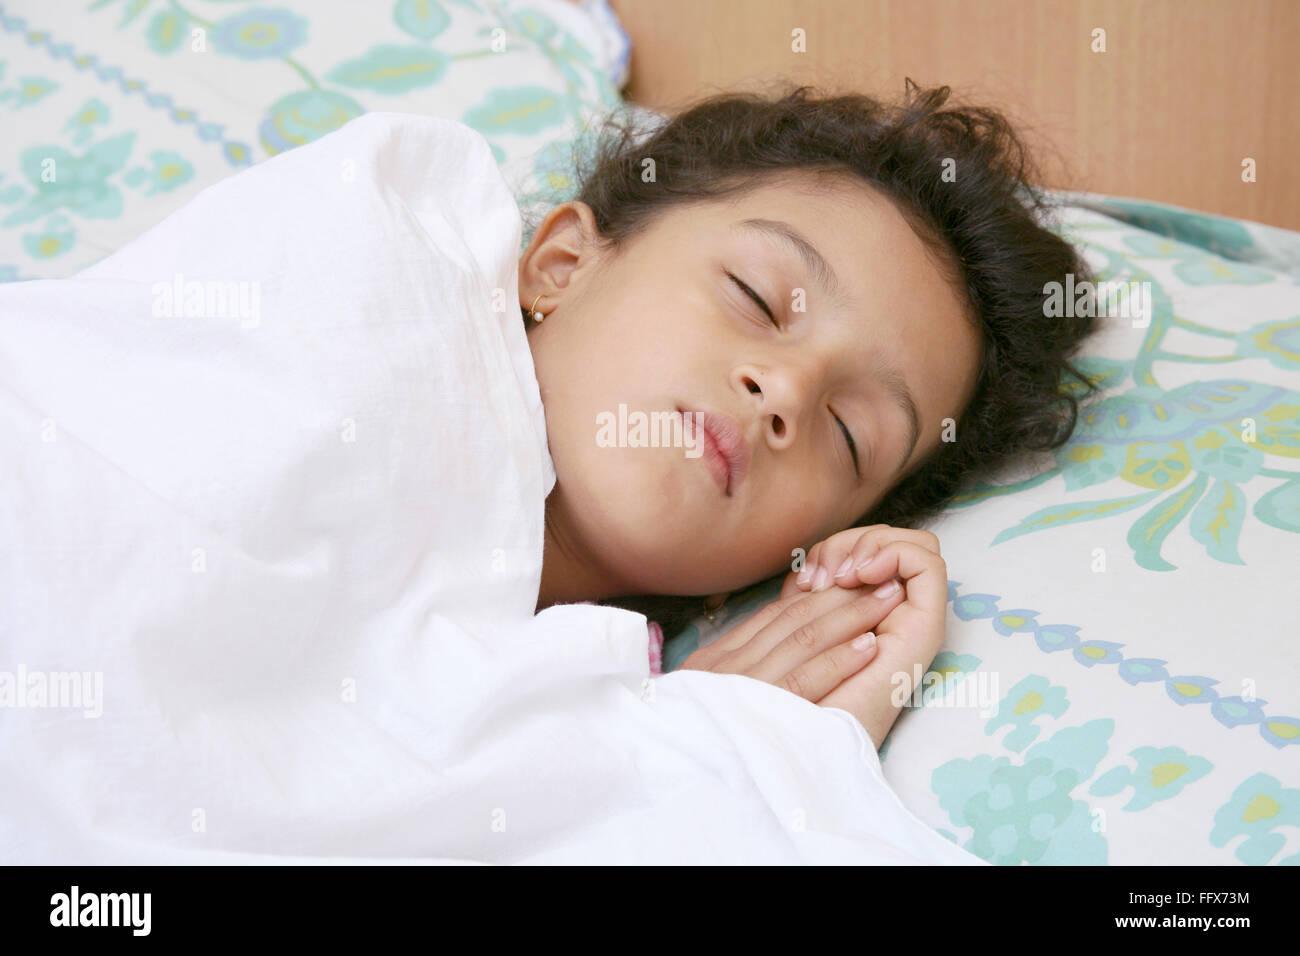 kleine junge Mädchen von 6 Jahren friedlich schlafend im Bett für ihren Körper mit weißen Bettlaken Stockbild